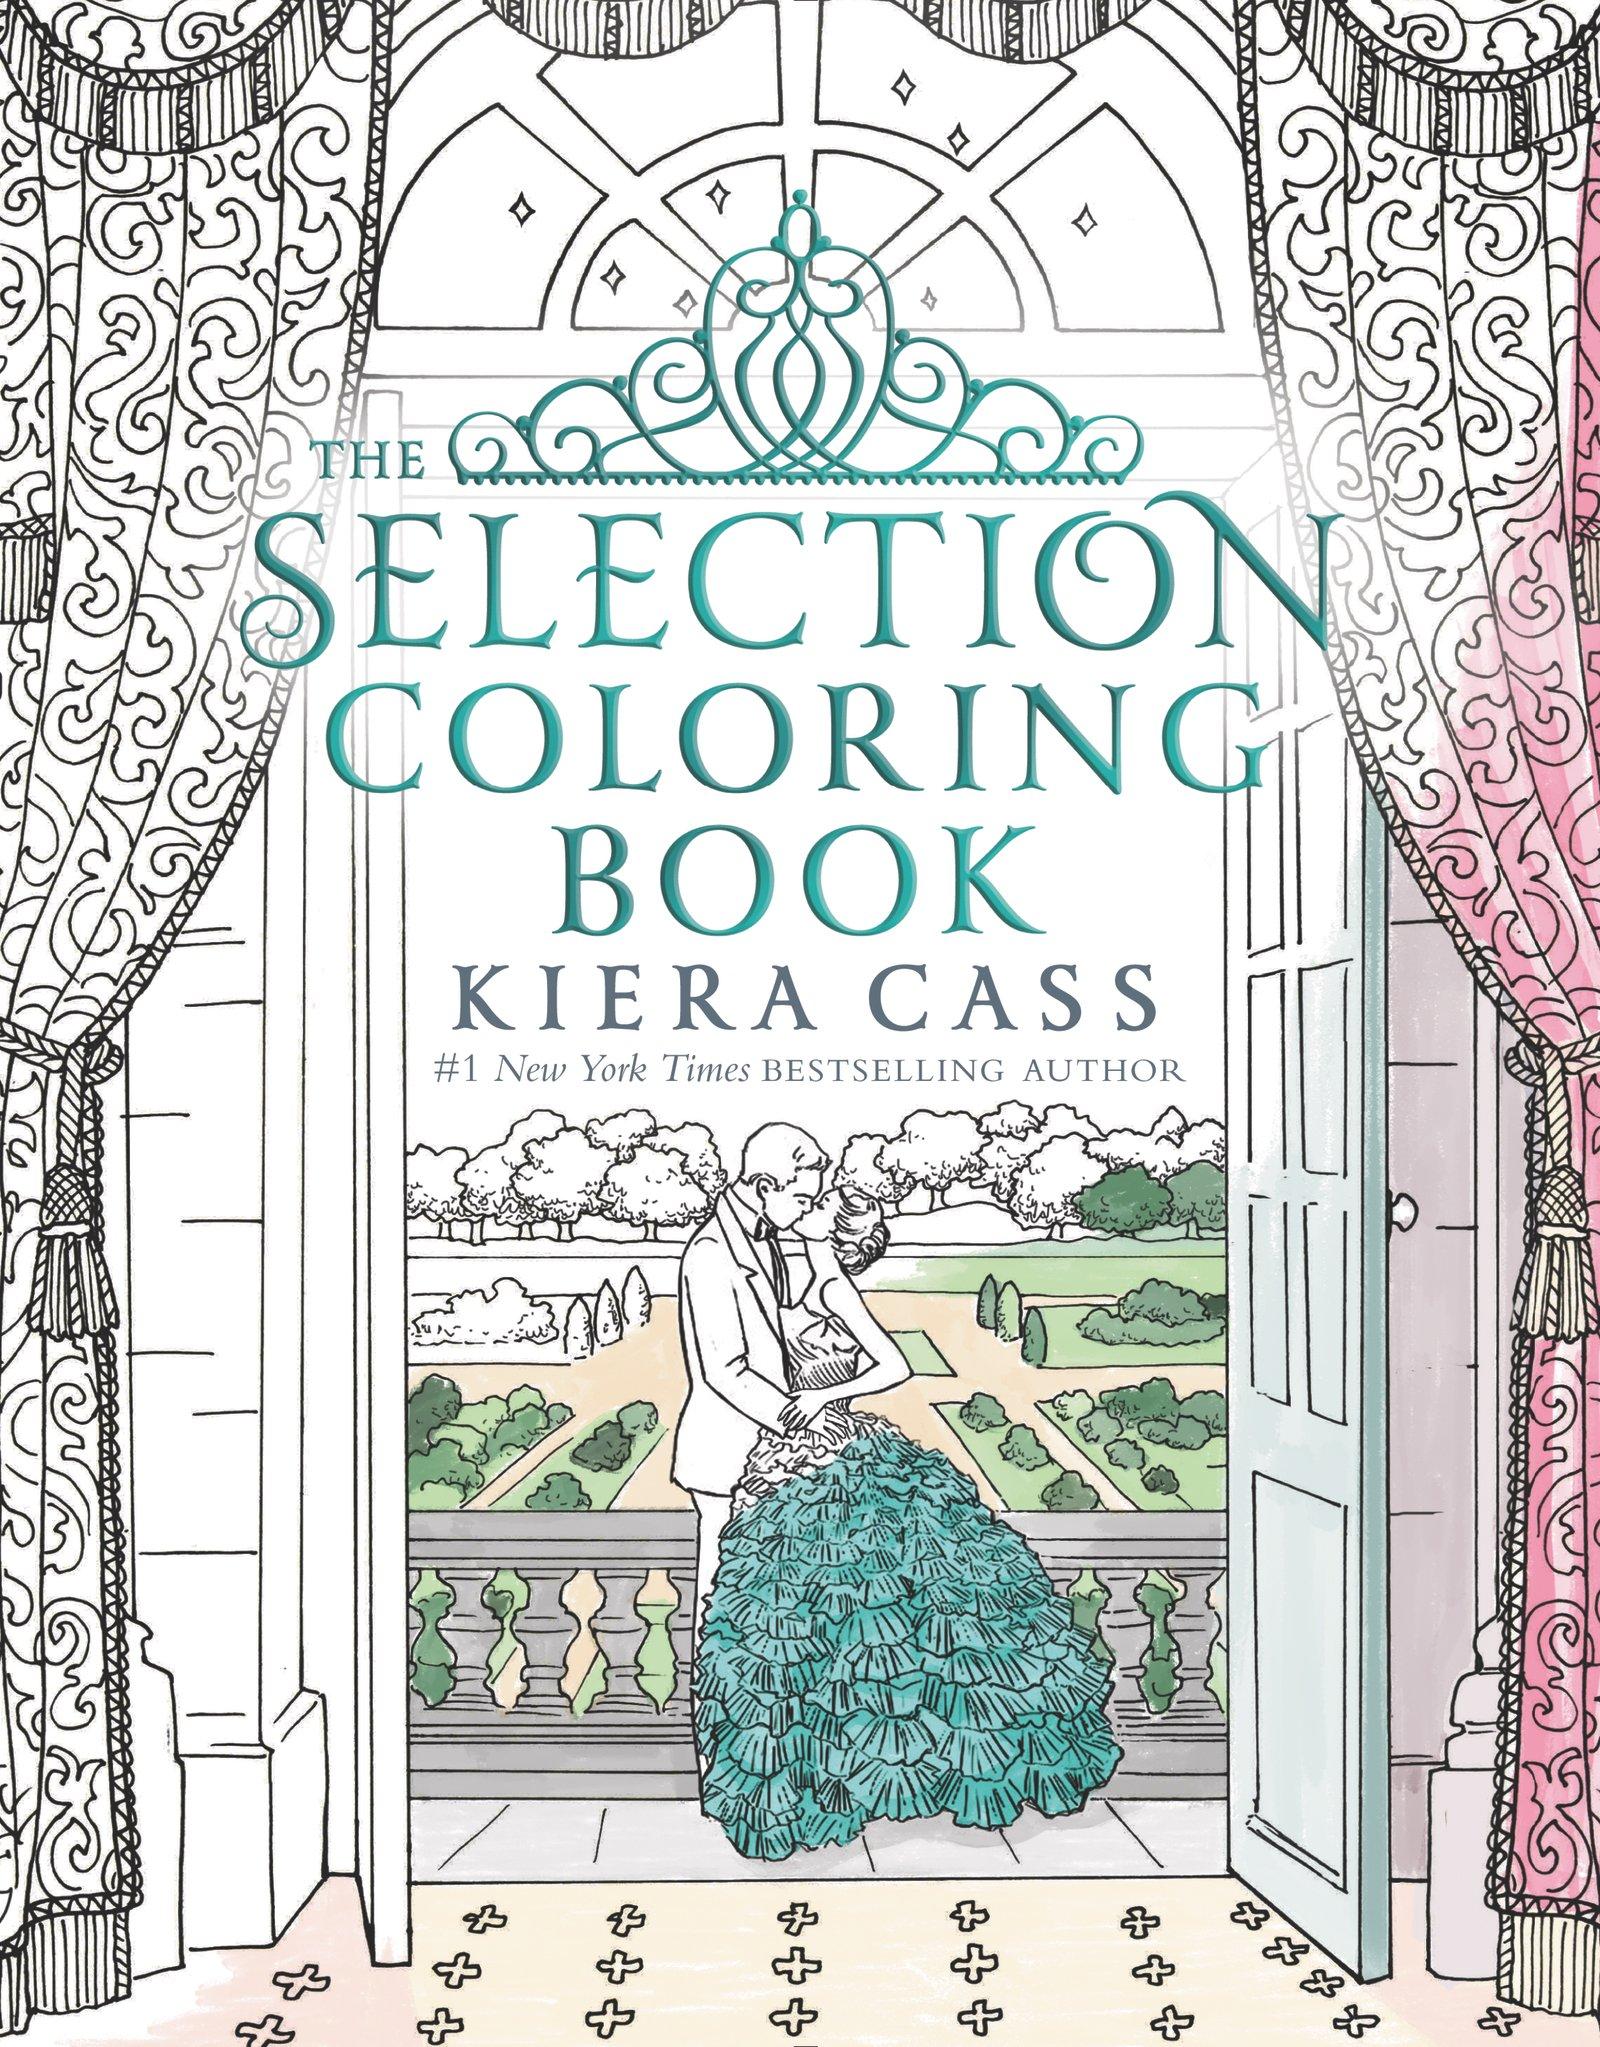 The Selection Coloring Book - Kiera Cass, Martina Flor